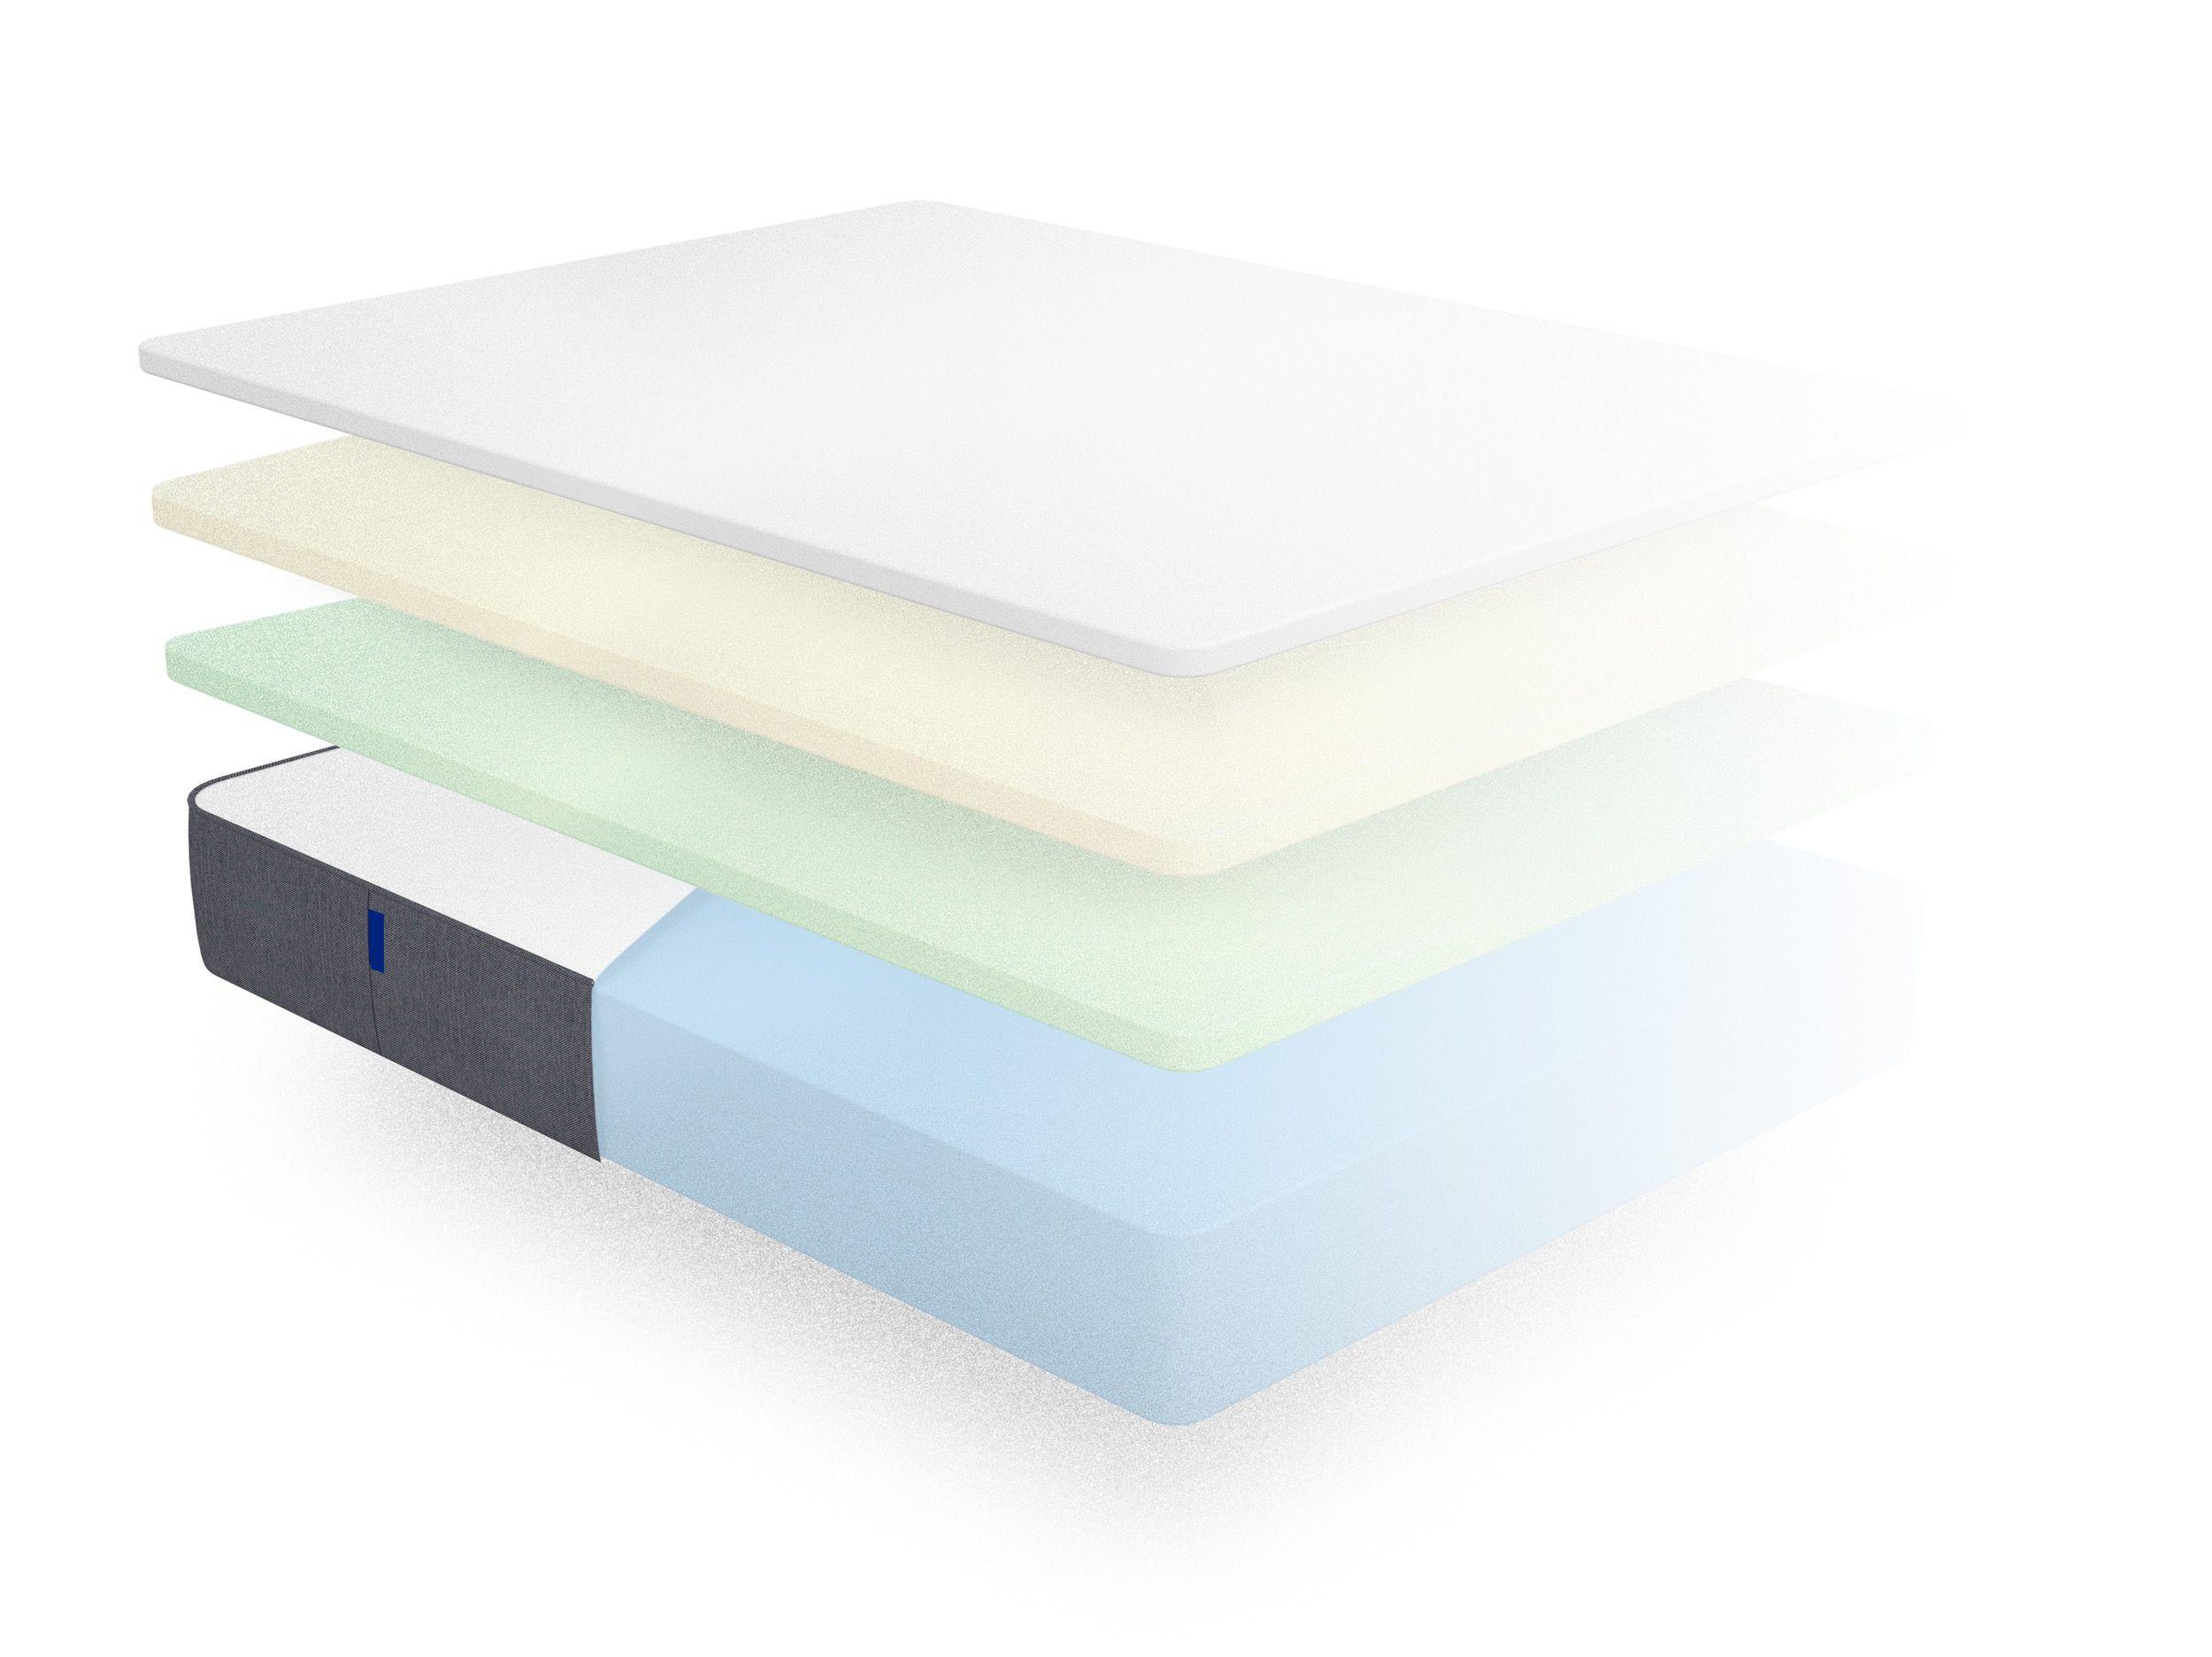 casper mattress shop4mattress pinterest casper mattress